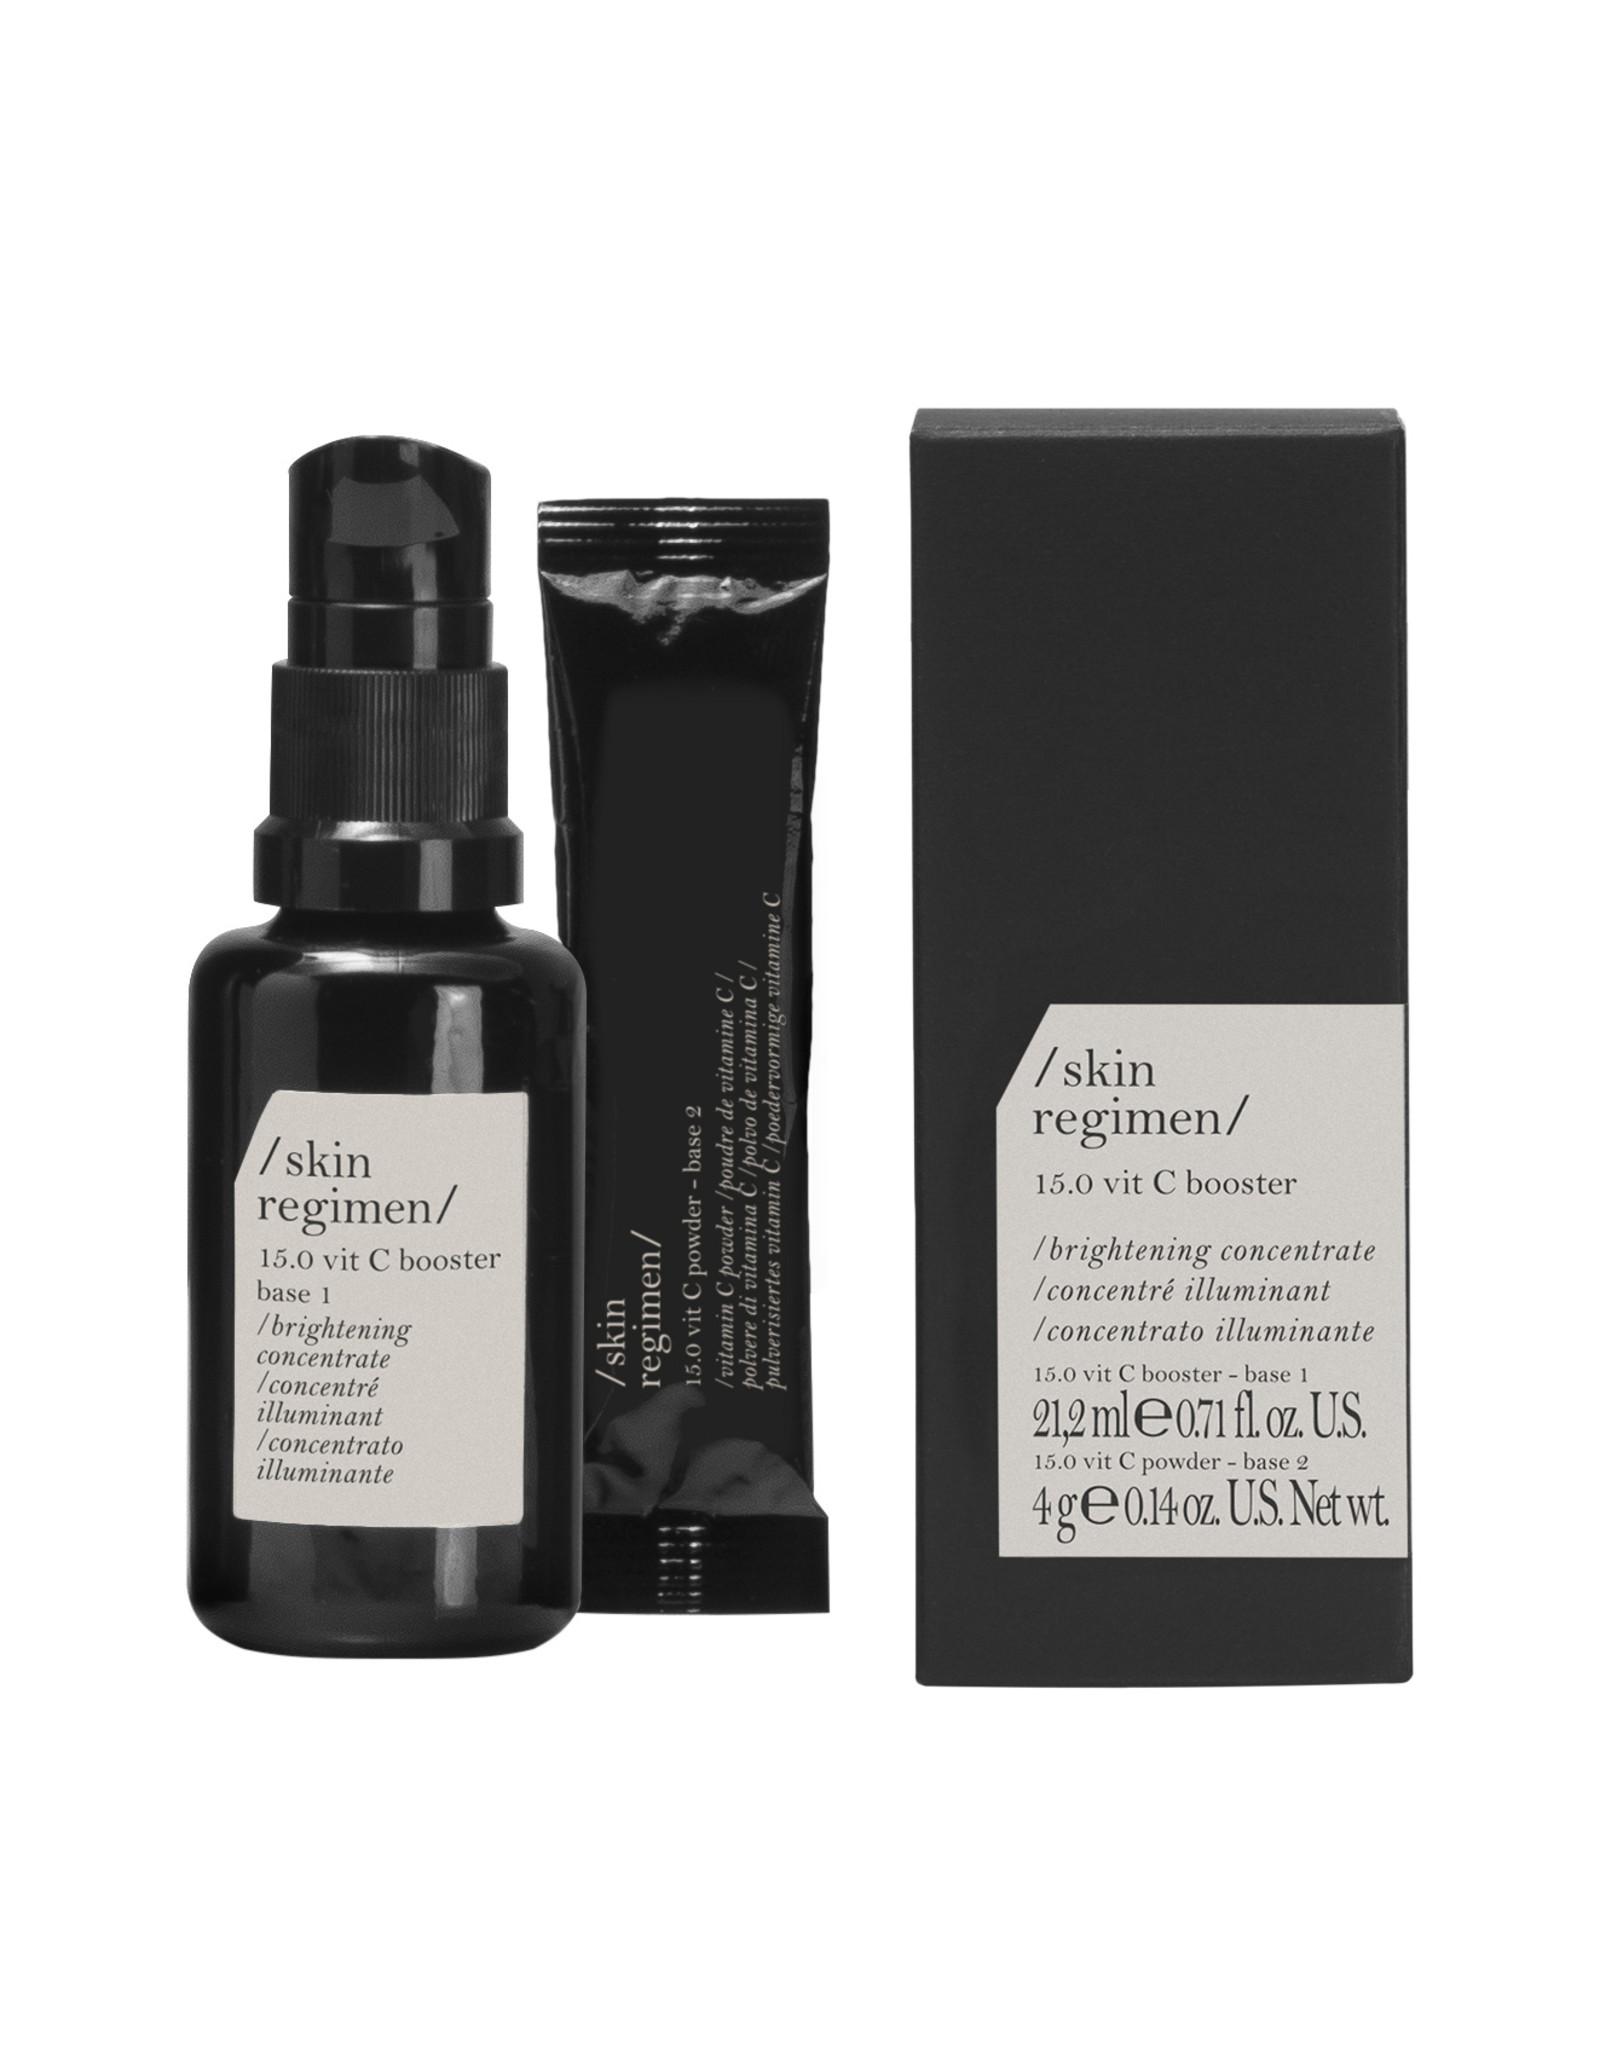 /Skin Regimen/ 15.0 Vit C Booster Dispenser 25 ml